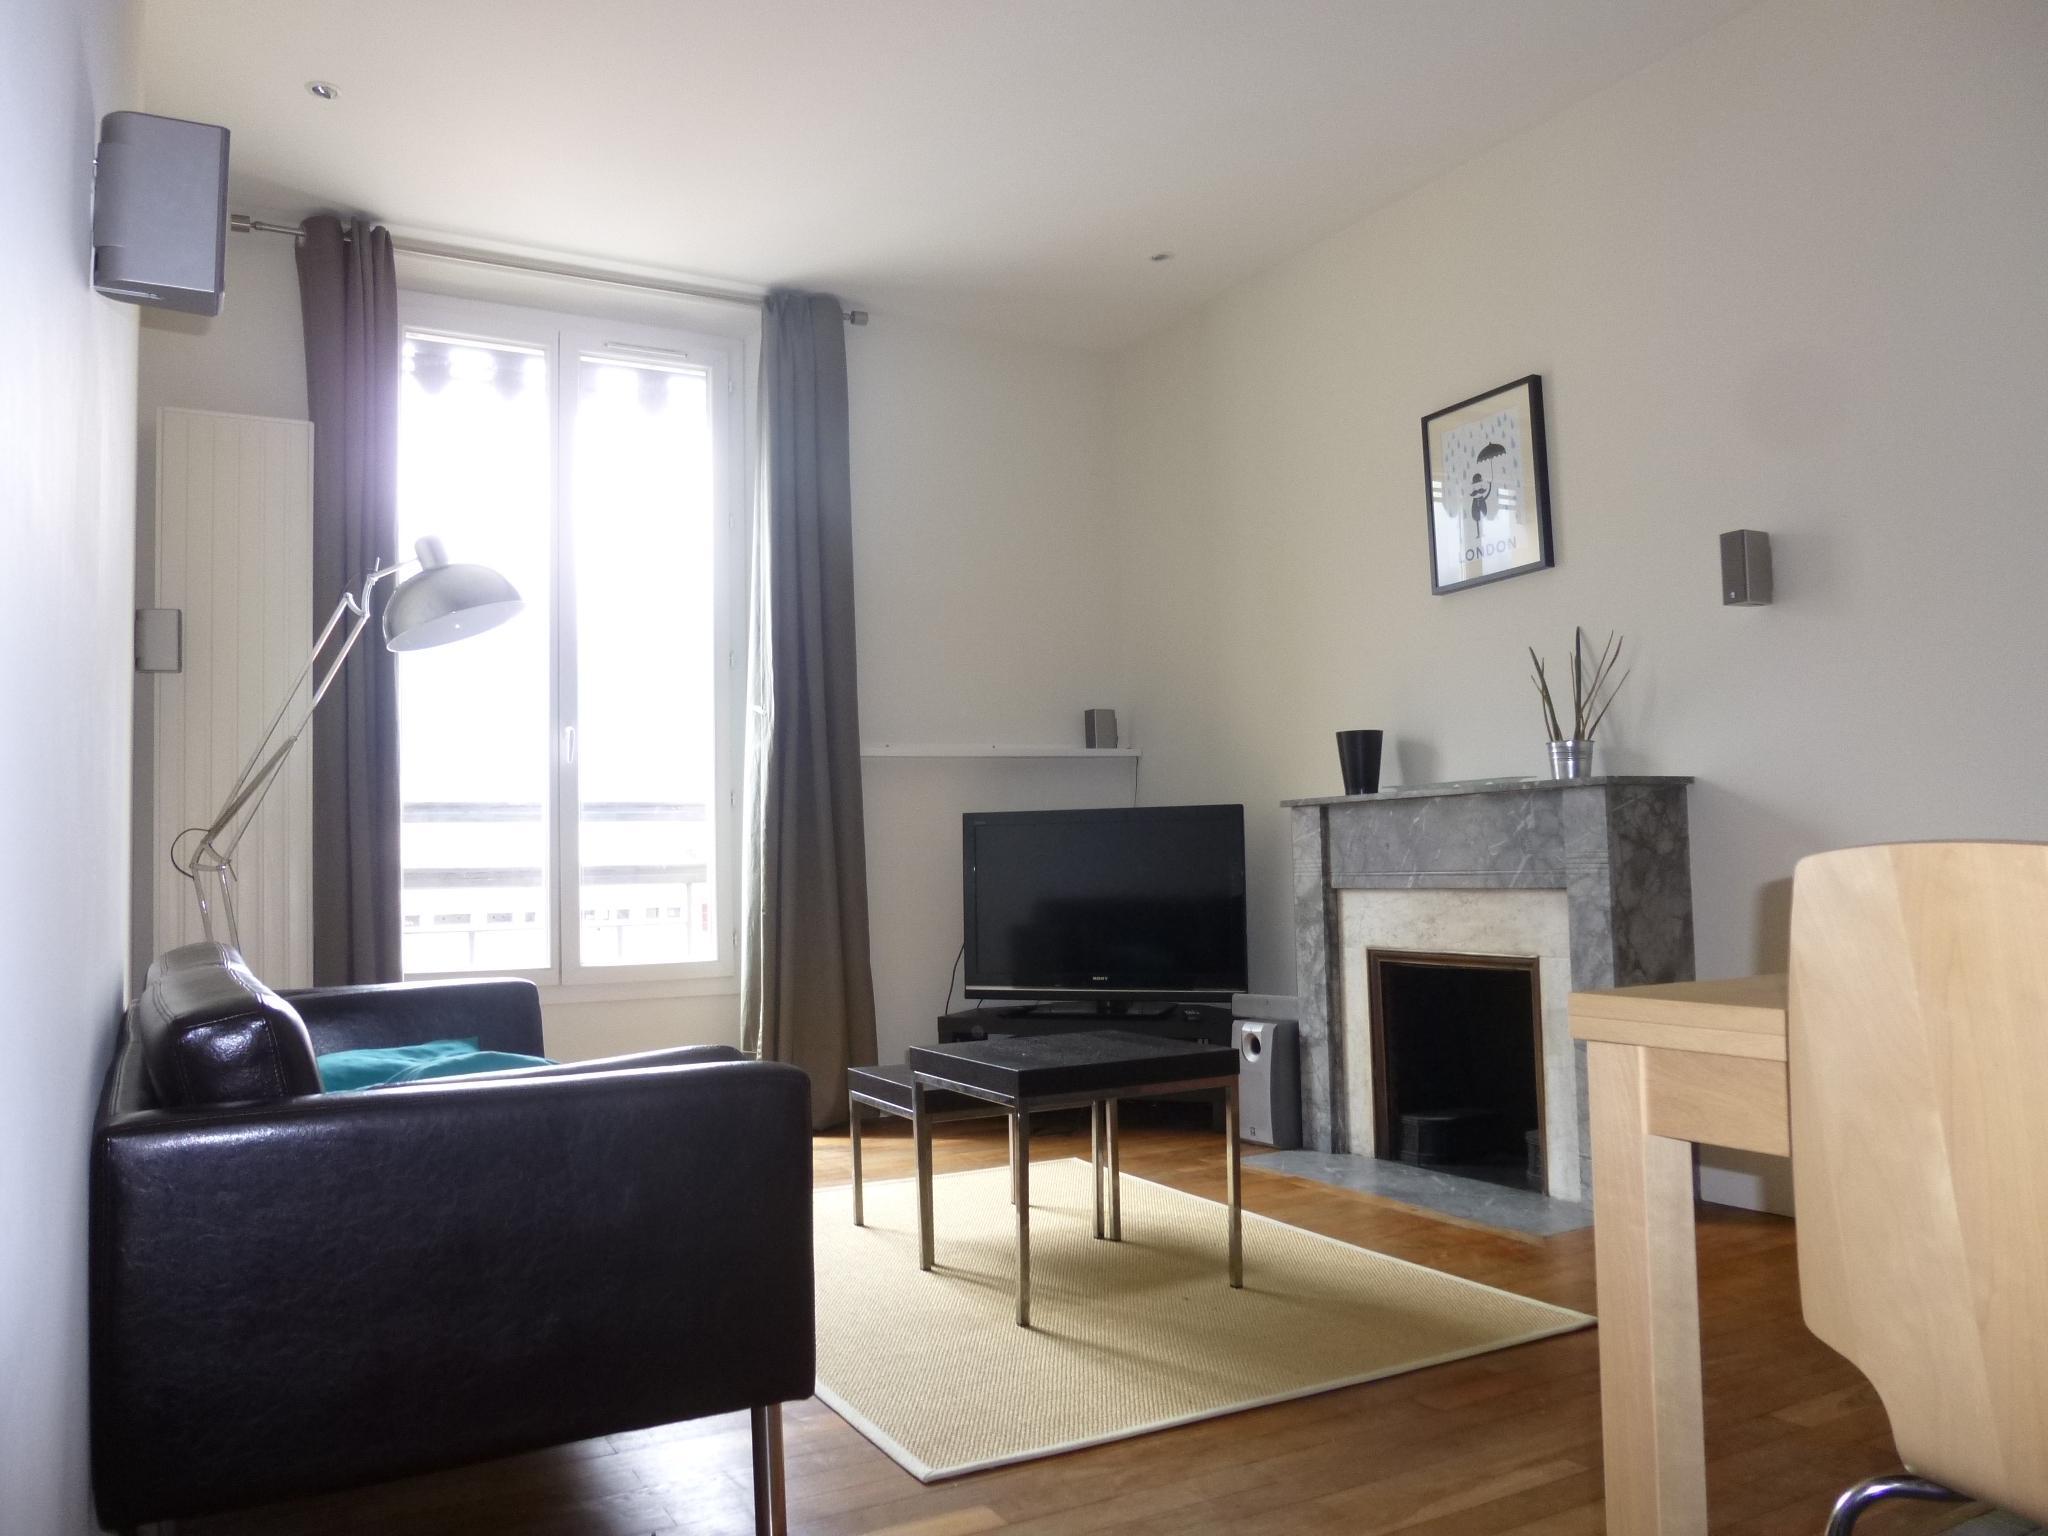 Location appartement Caen : je suis en train de chercher le bien idéal